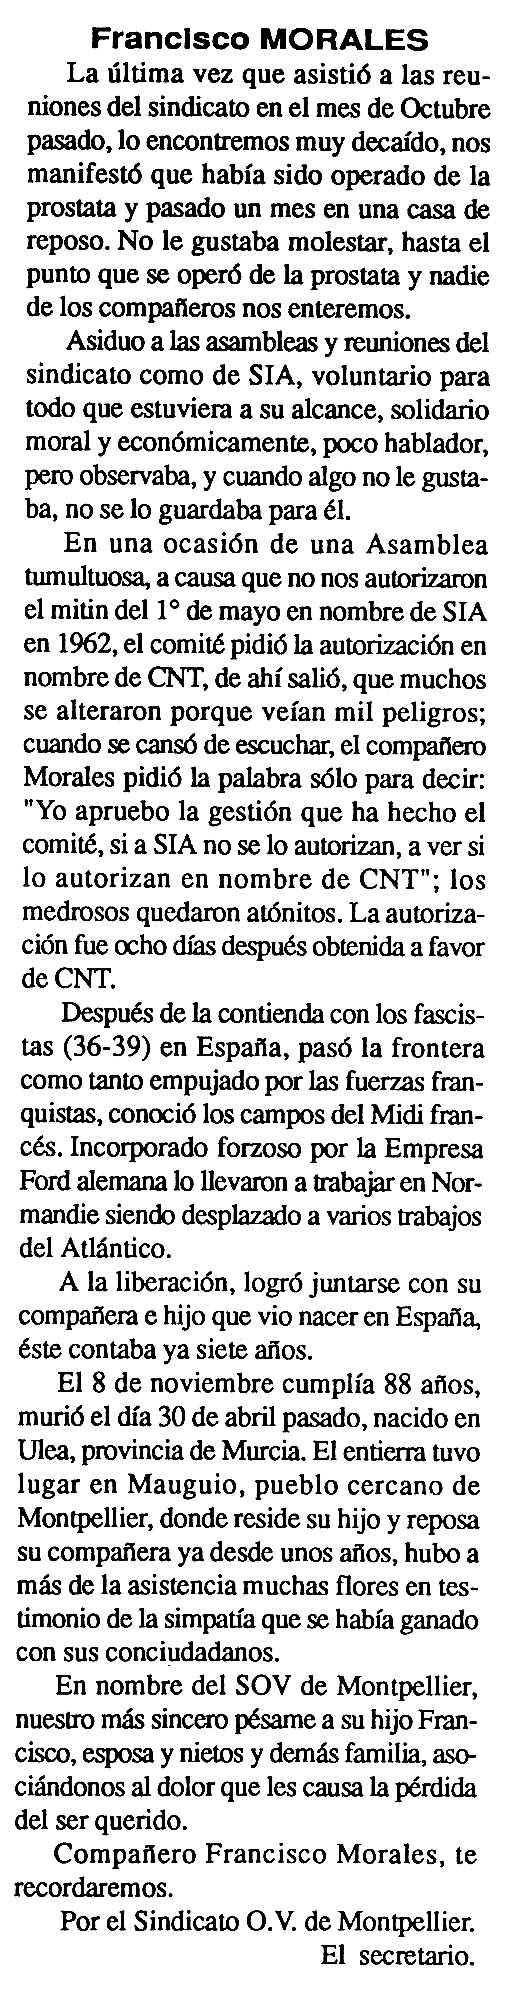 """Necrològica de Francisco Morales Salar apareguda en el periòdic tolosà """"Cenit"""" del 28 de maig de 1991"""